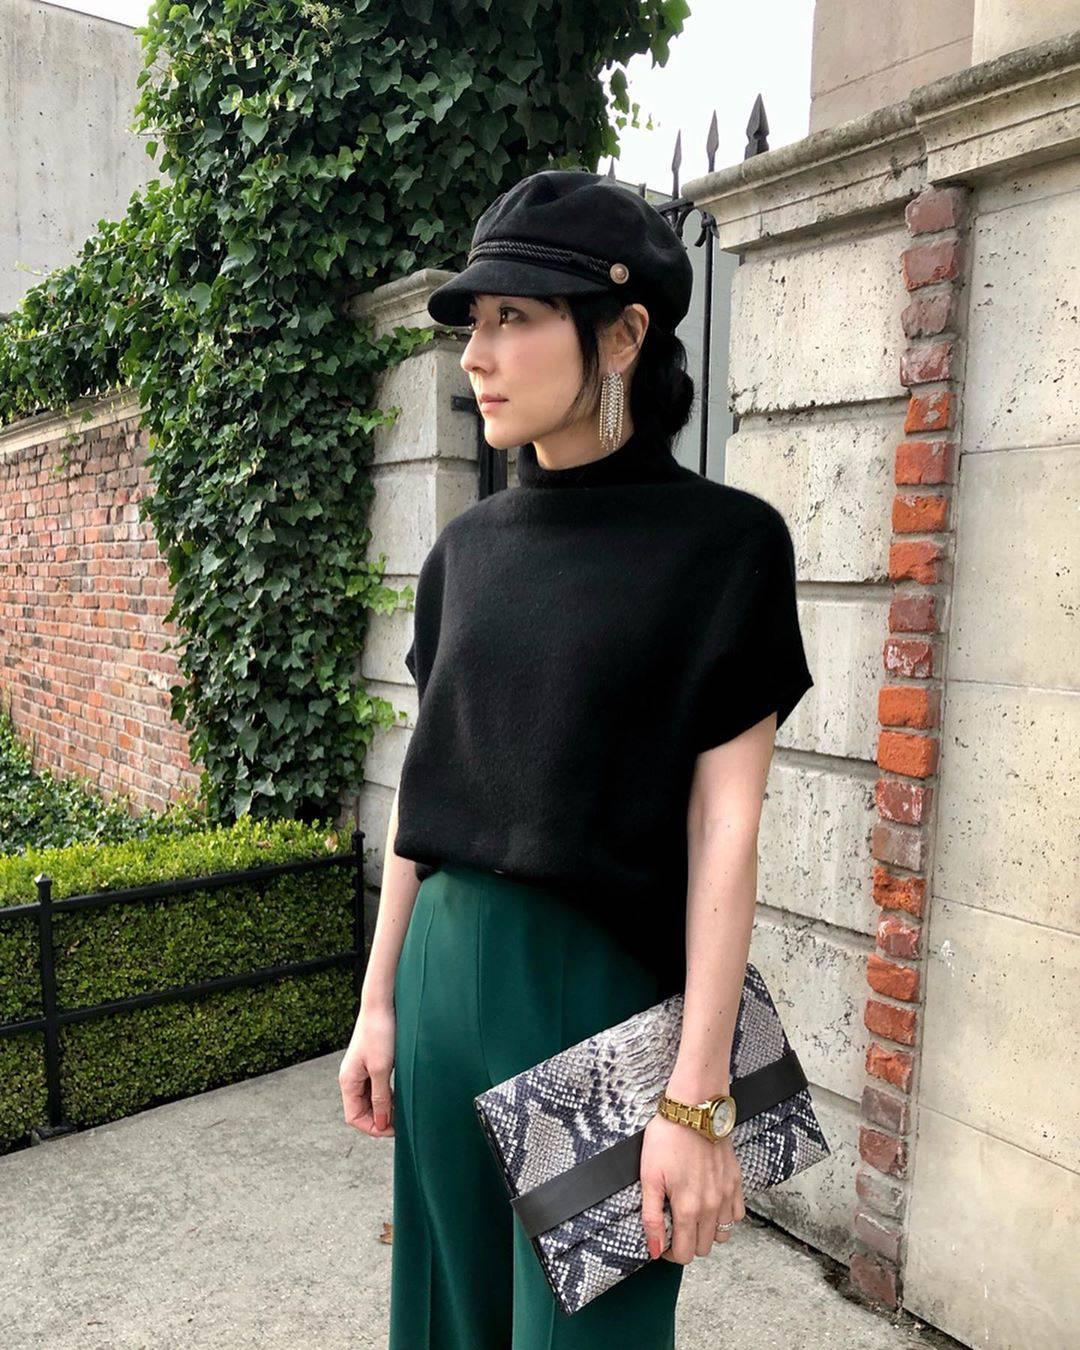 最高気温29度・最低気温21度 i.styleclosetの服装